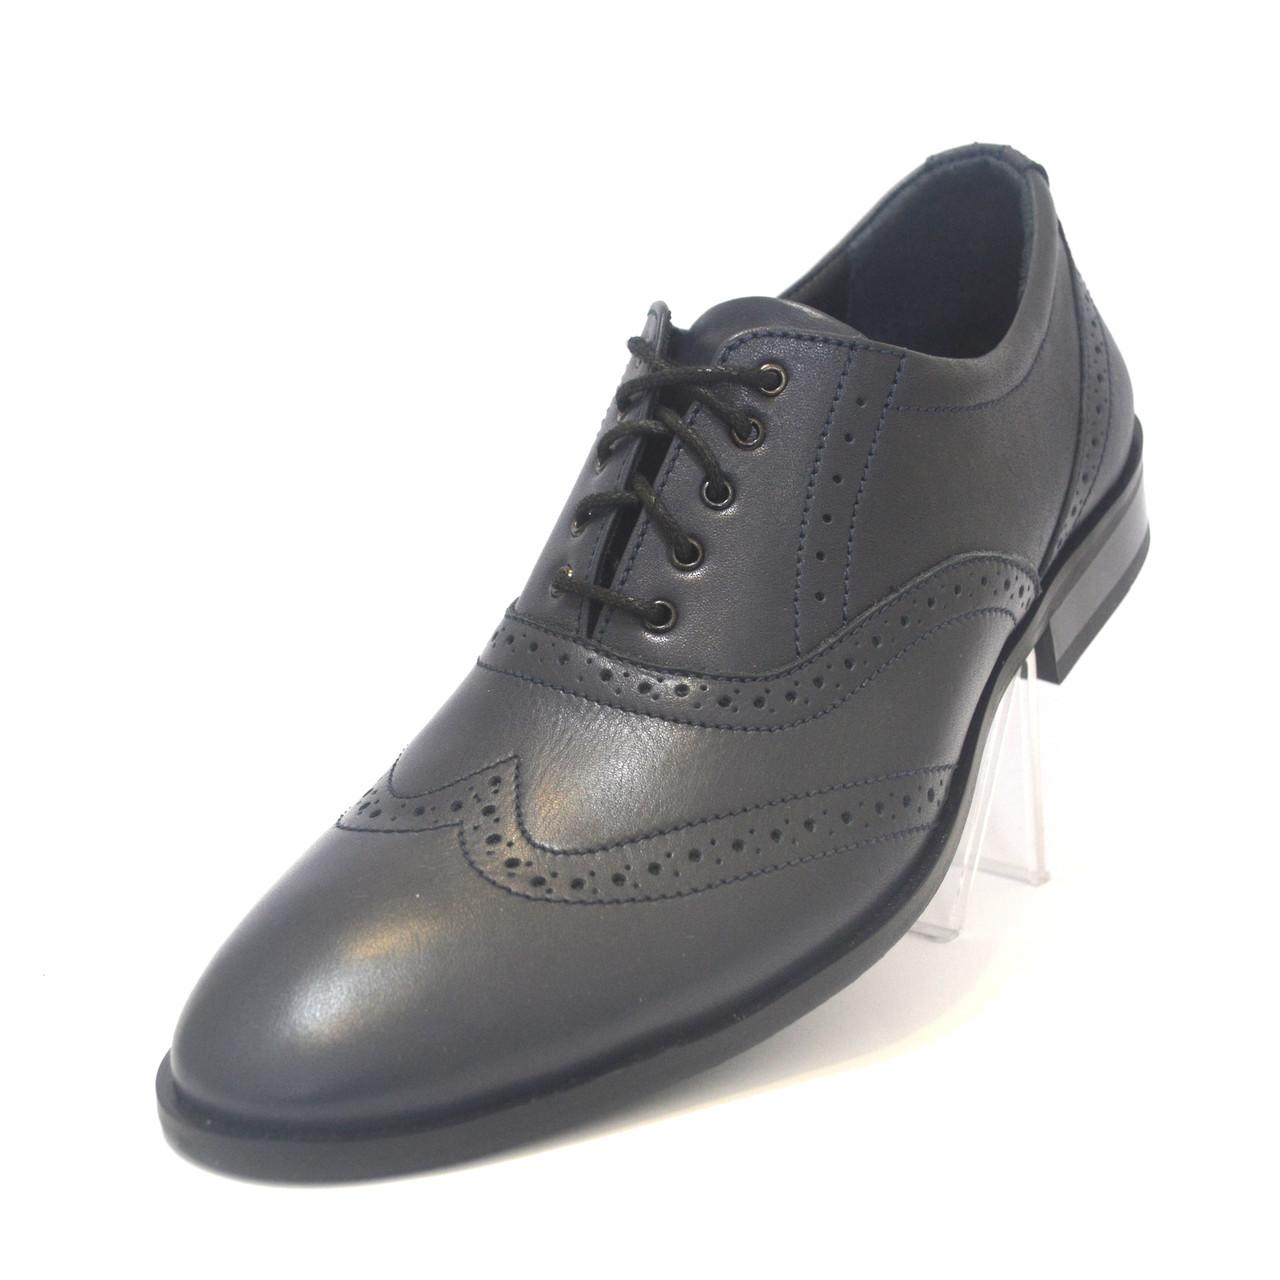 Туфли мужские кожаные классические броги Rosso Avangard FeliceteZo Blu Pelle подошва моноблок